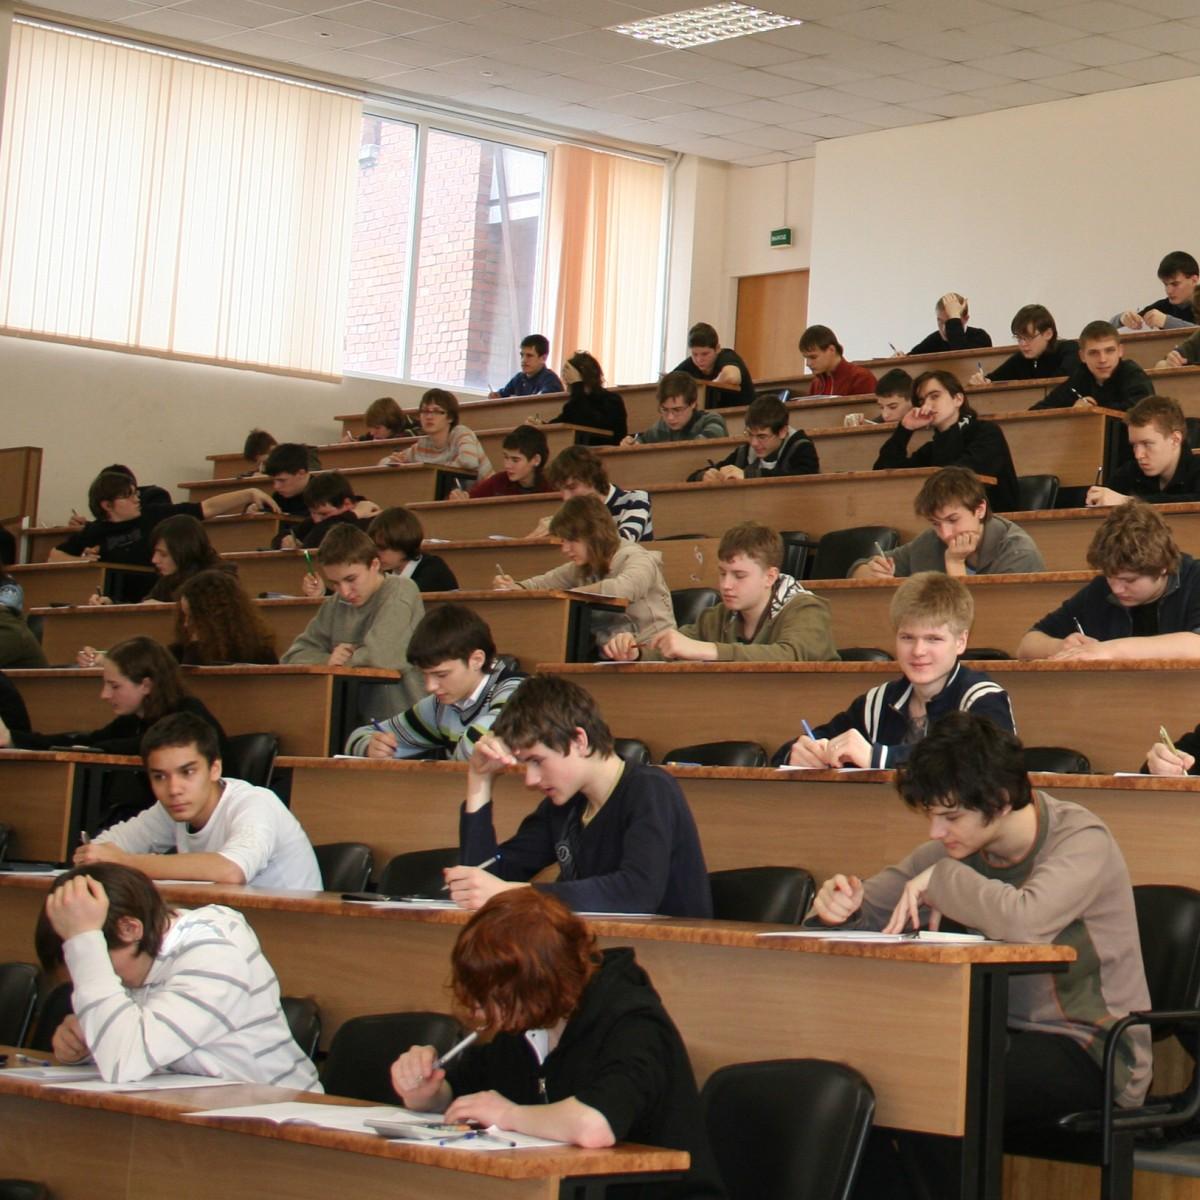 Перечень вступительных экзаменов в вузы может измениться за несколько месяцев до егэ